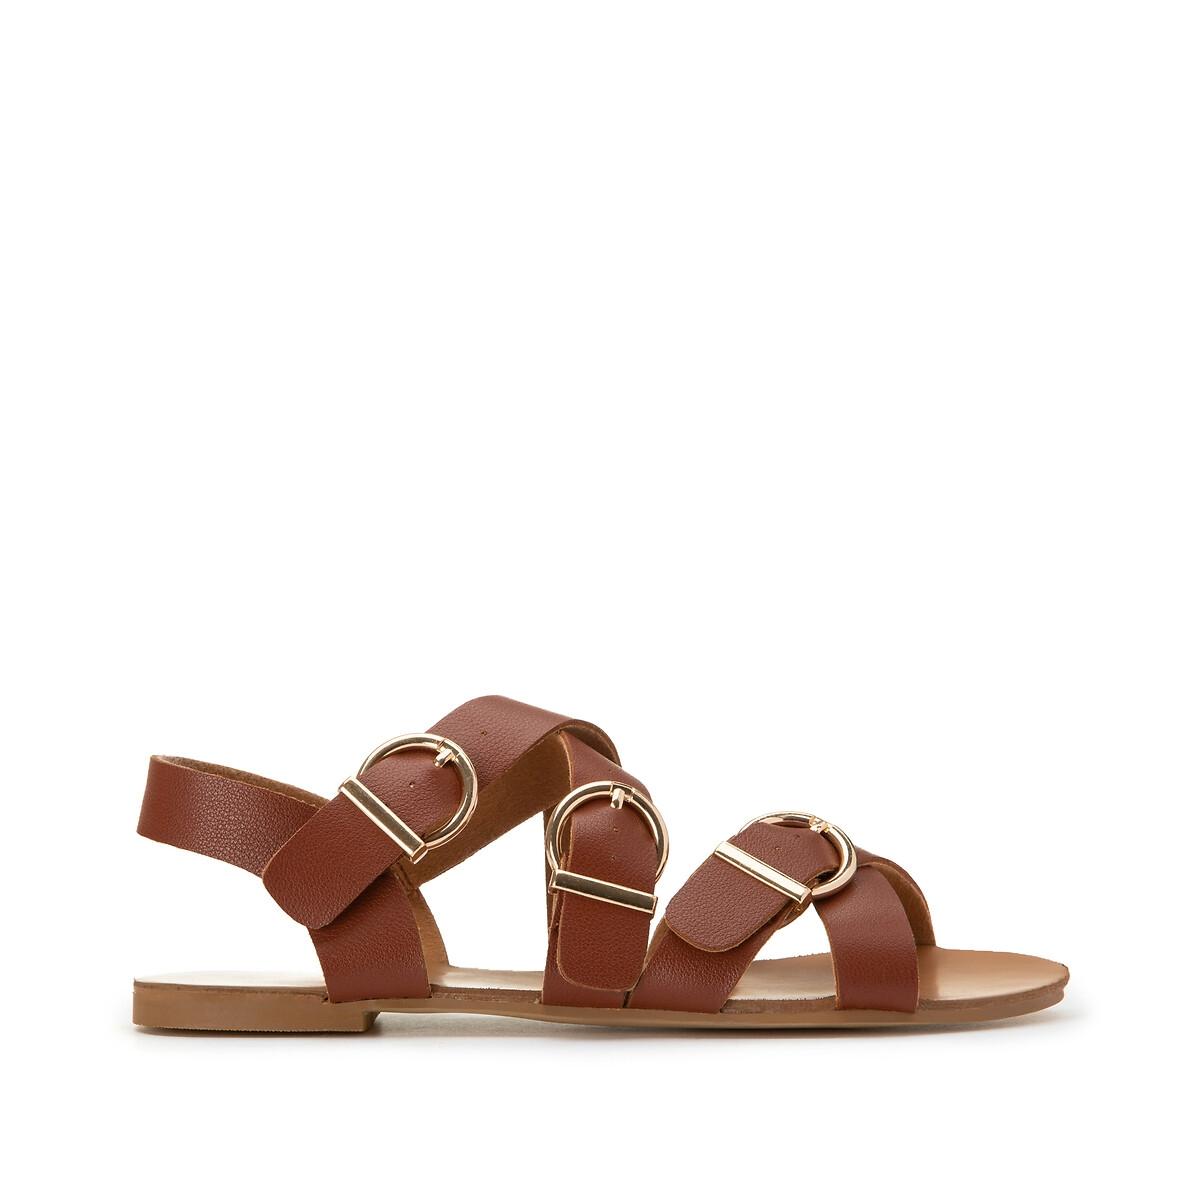 Sandalias con múltiples correas y tacón plano